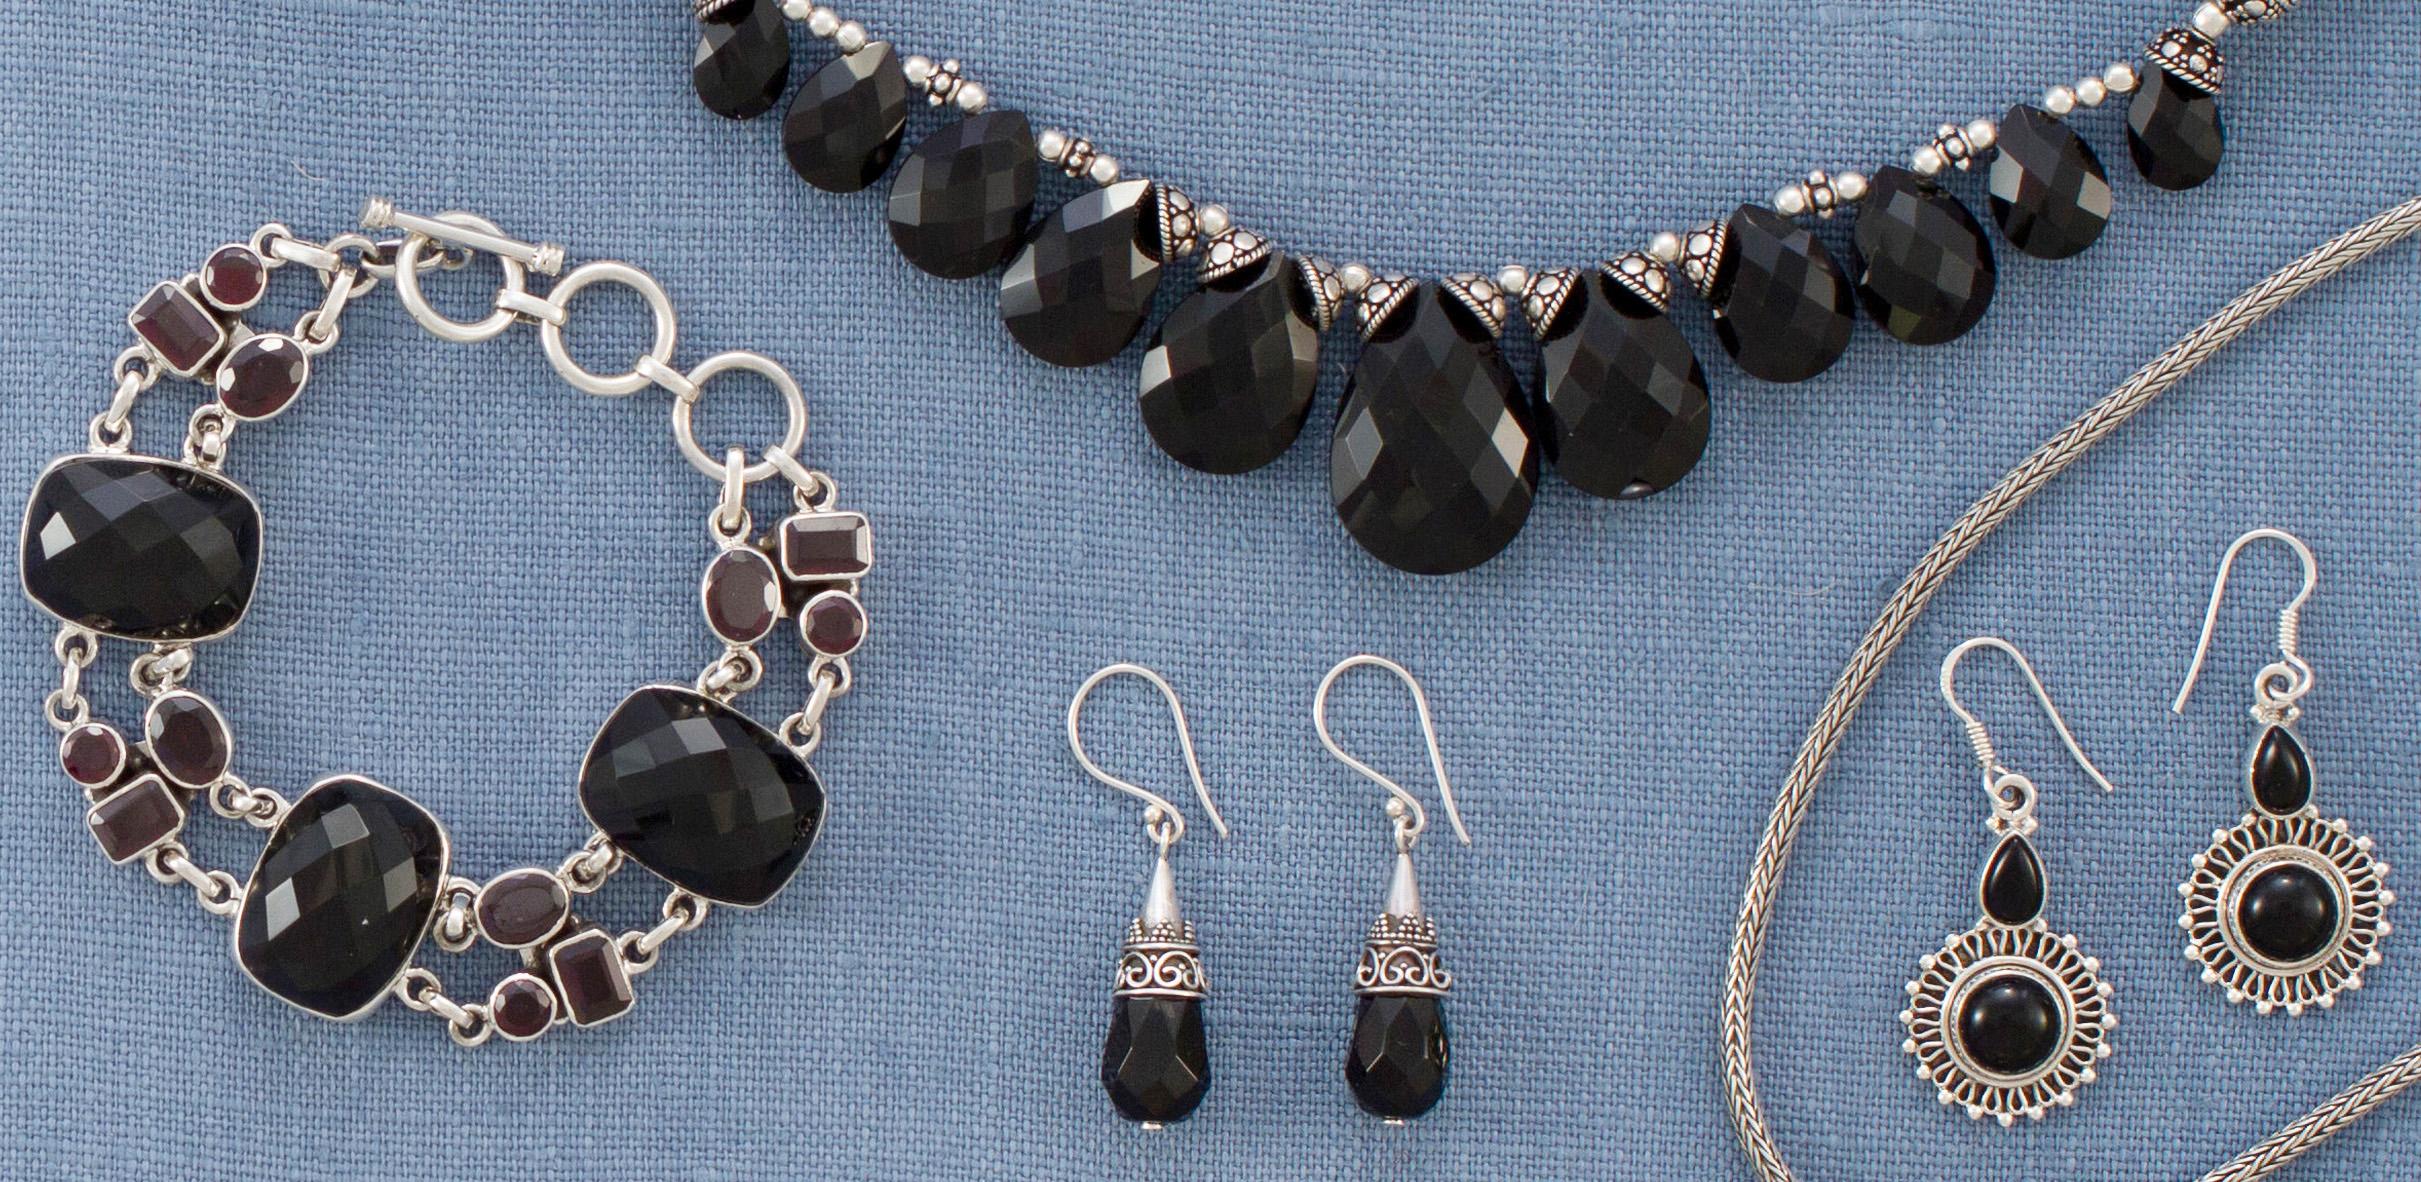 Black Onyx Jewelry